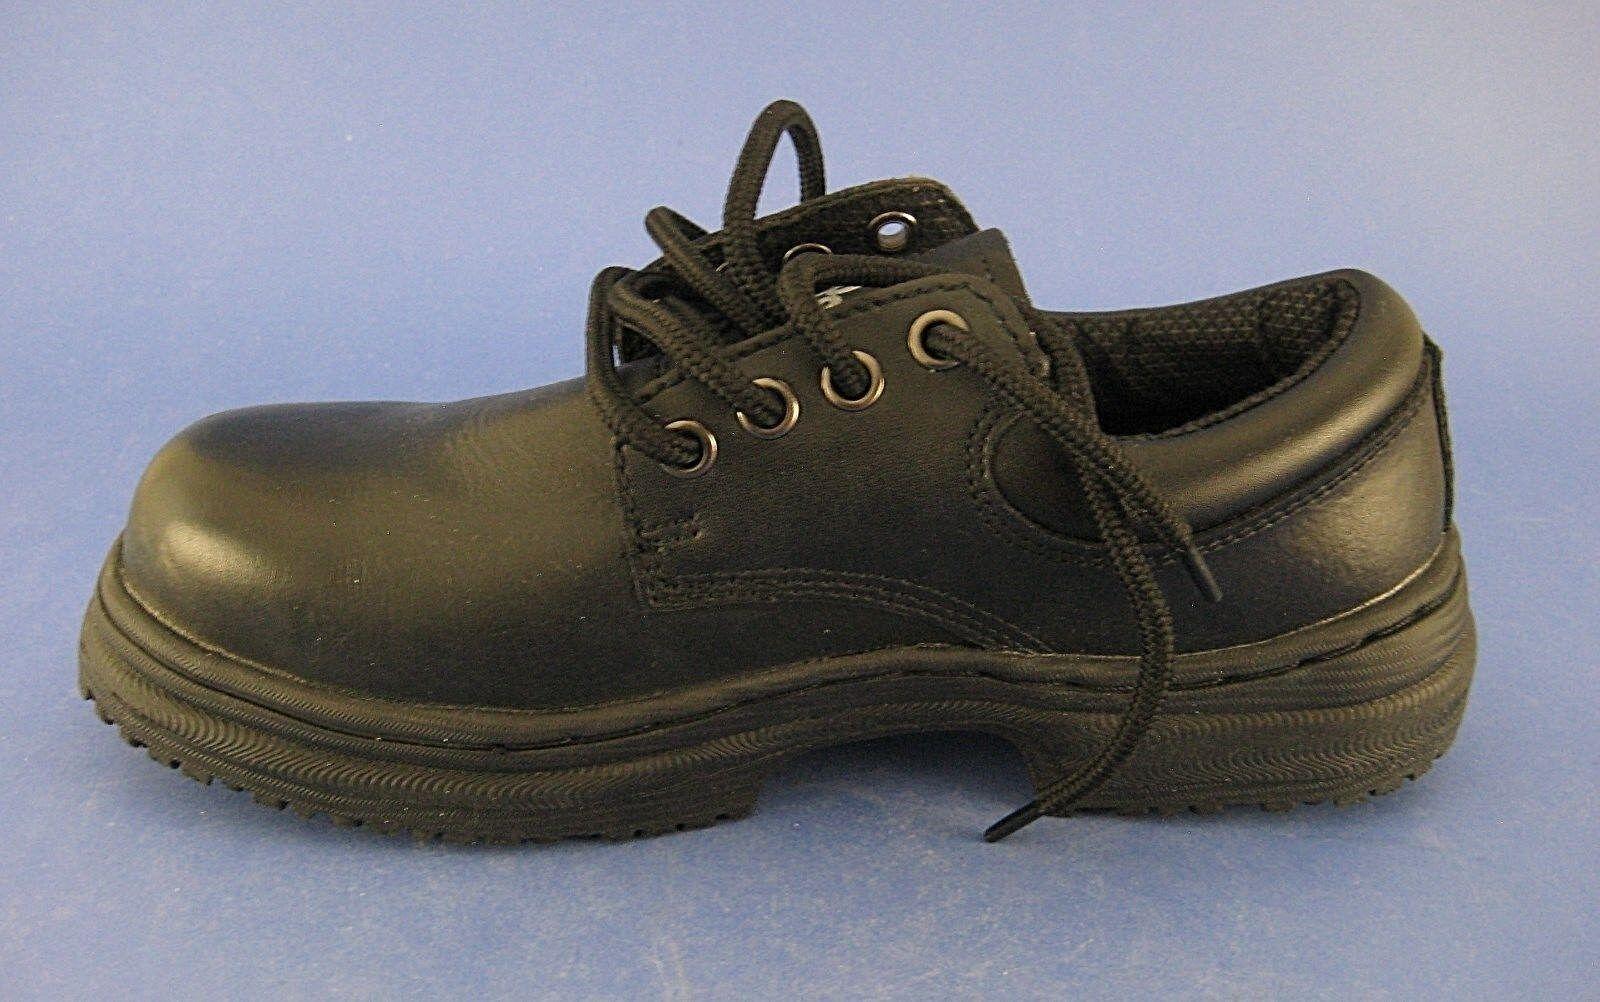 prezzi bassi di tutti i giorni donna Slip Grips nero Leather Work scarpe Dimensione 6 W W W  rivenditore di fitness